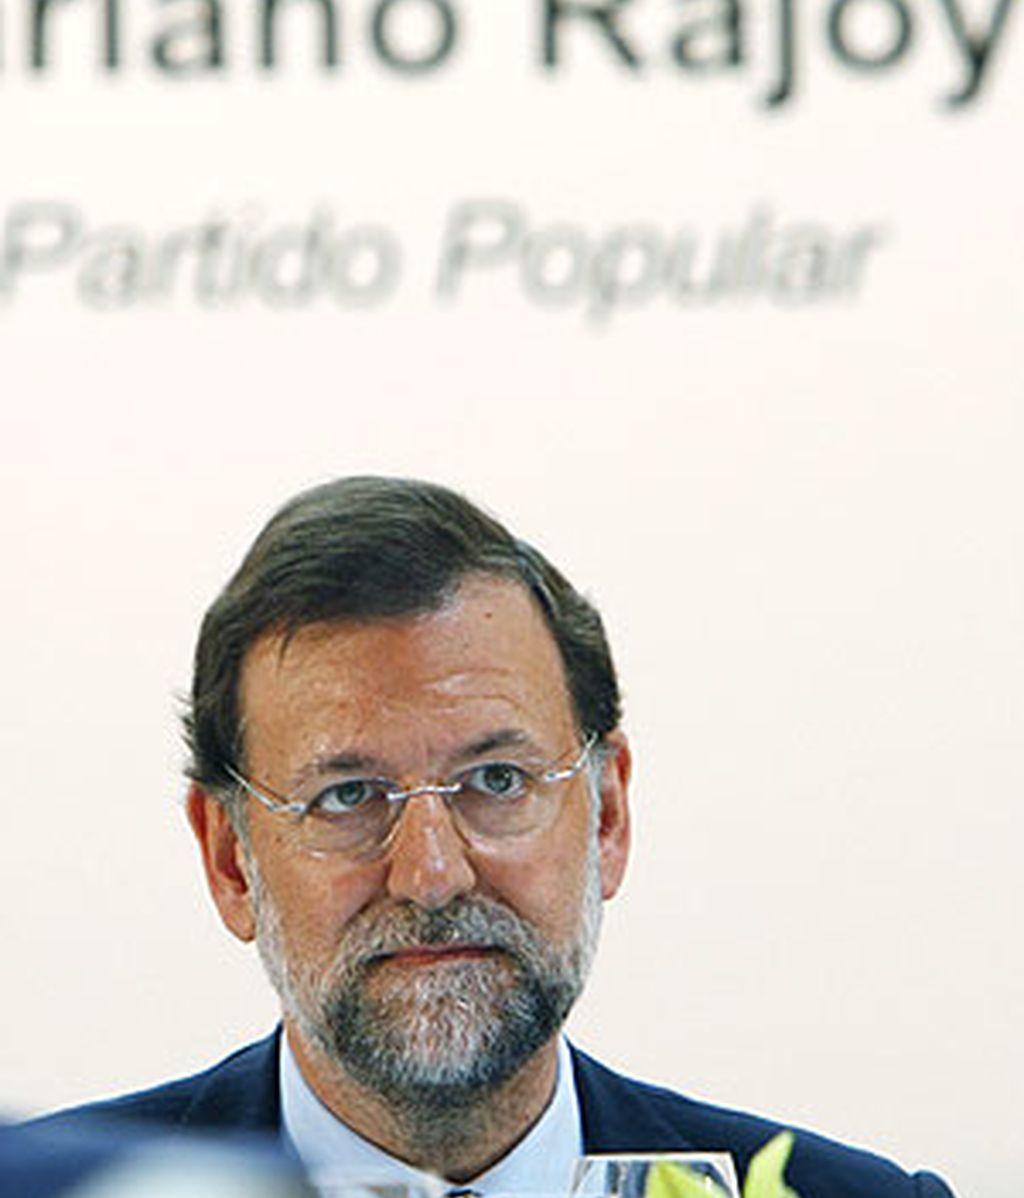 El líder del PP aún aprecia la labor de María San Gil. Foto: EFE